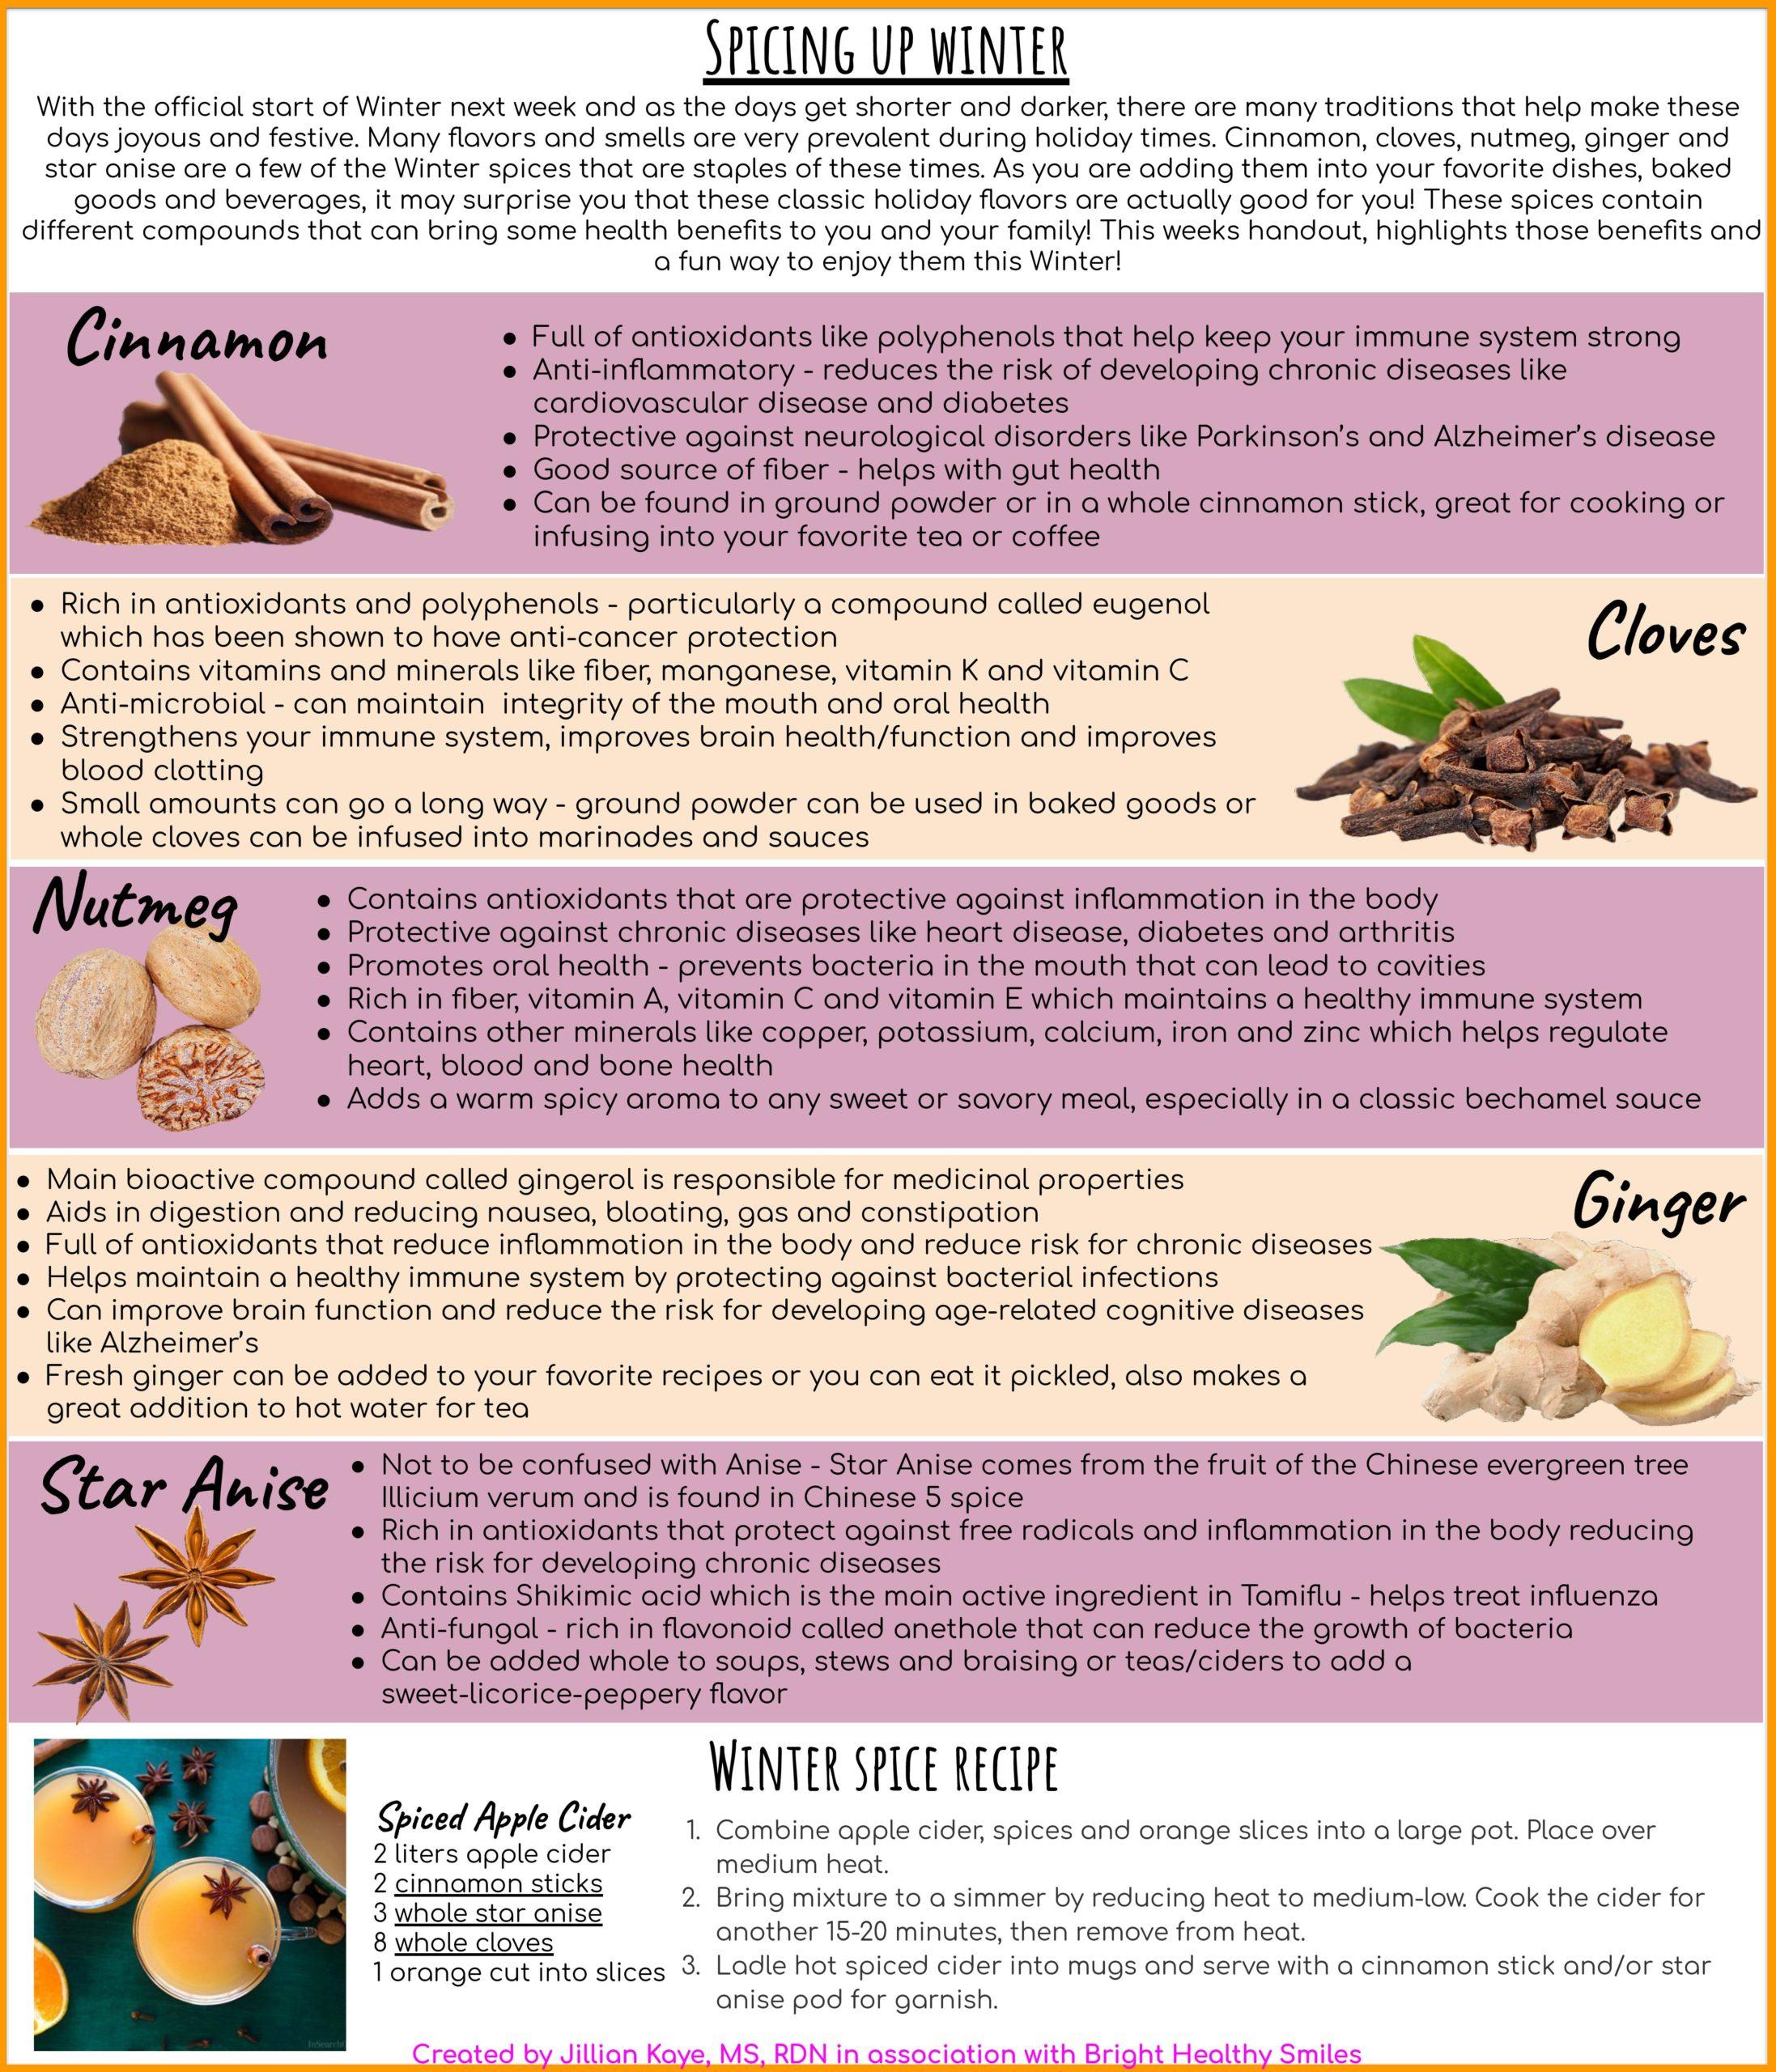 Winter Spices & Winter Spice Recipe